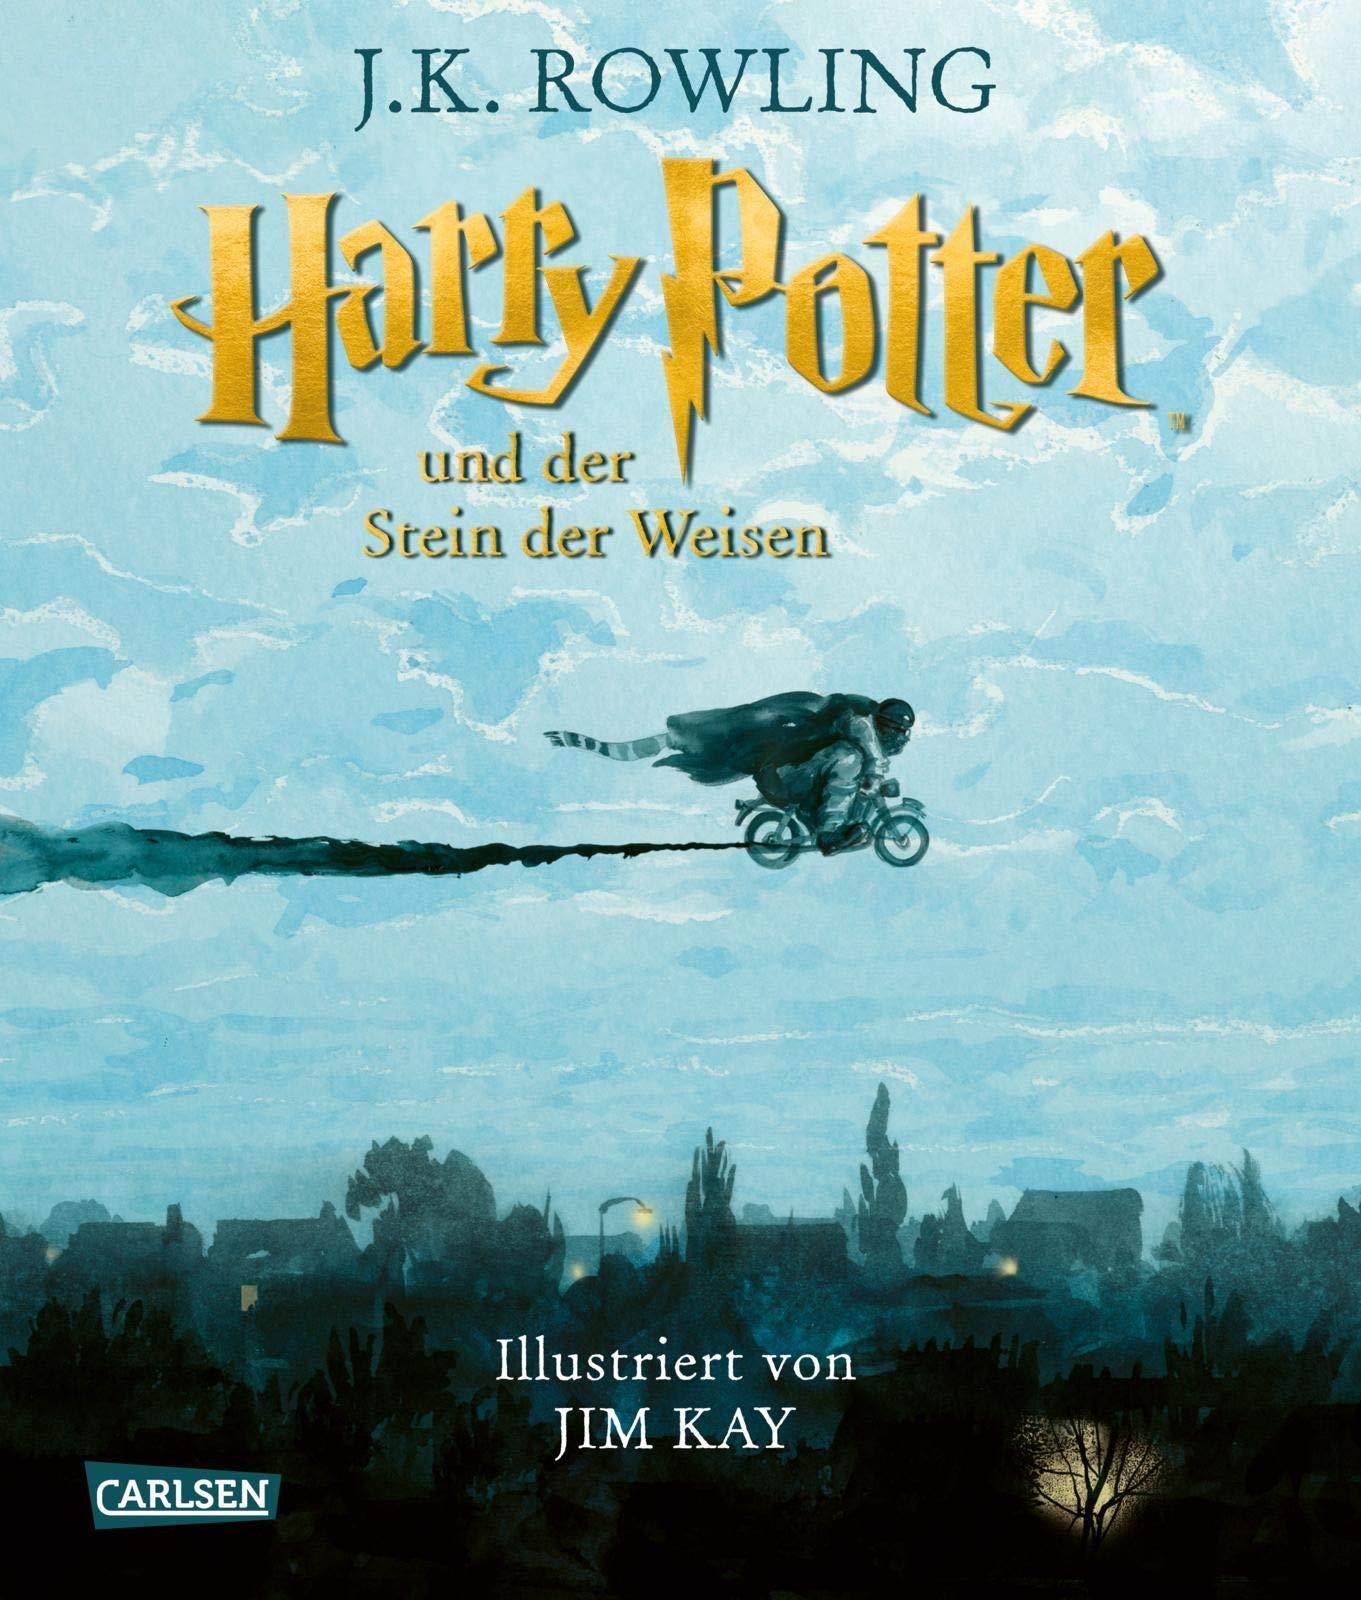 Harry Potter Und Der Stein Der Weisen Farbig Illustrierte Schmuckausgabe Harry Potter 1 9783551318688 Amazon Com Books